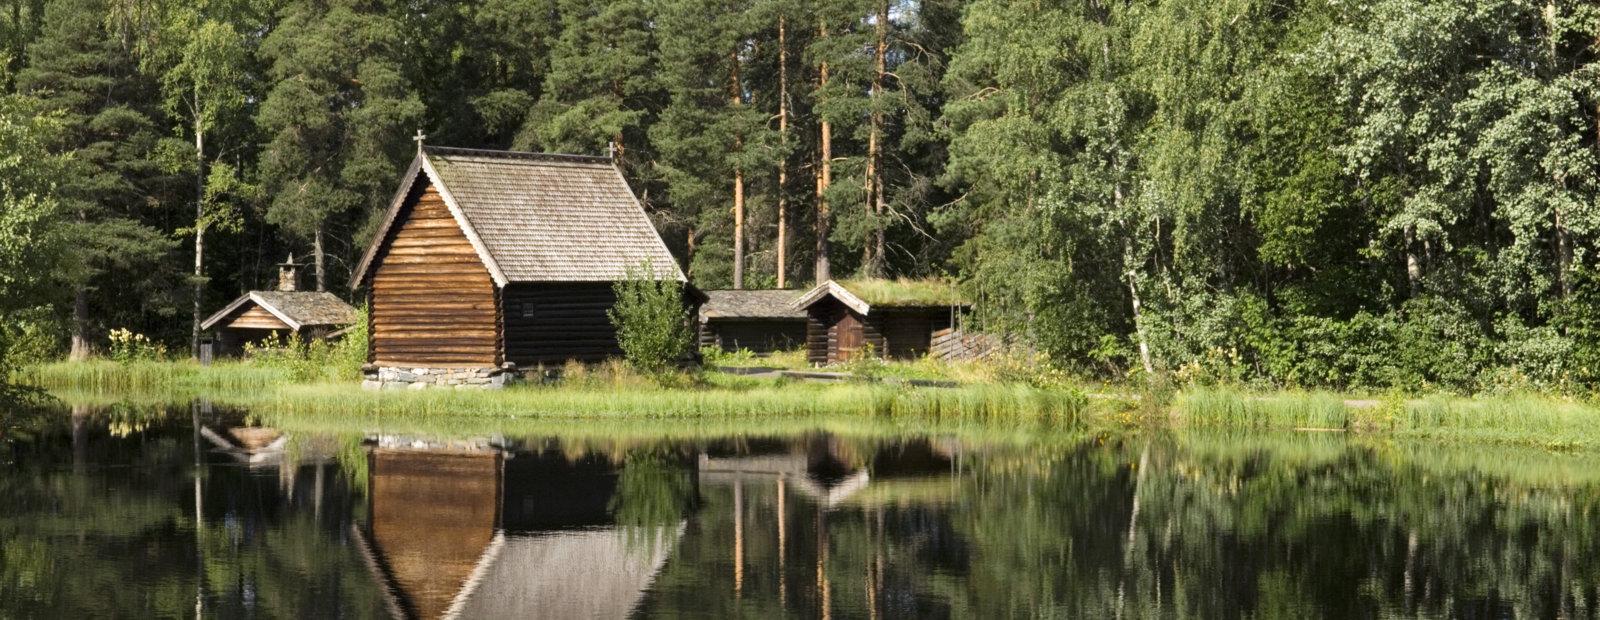 Fiskerkapellet ved Breisjøen i friluftsmuseet Maihaugen på Lillehammer.